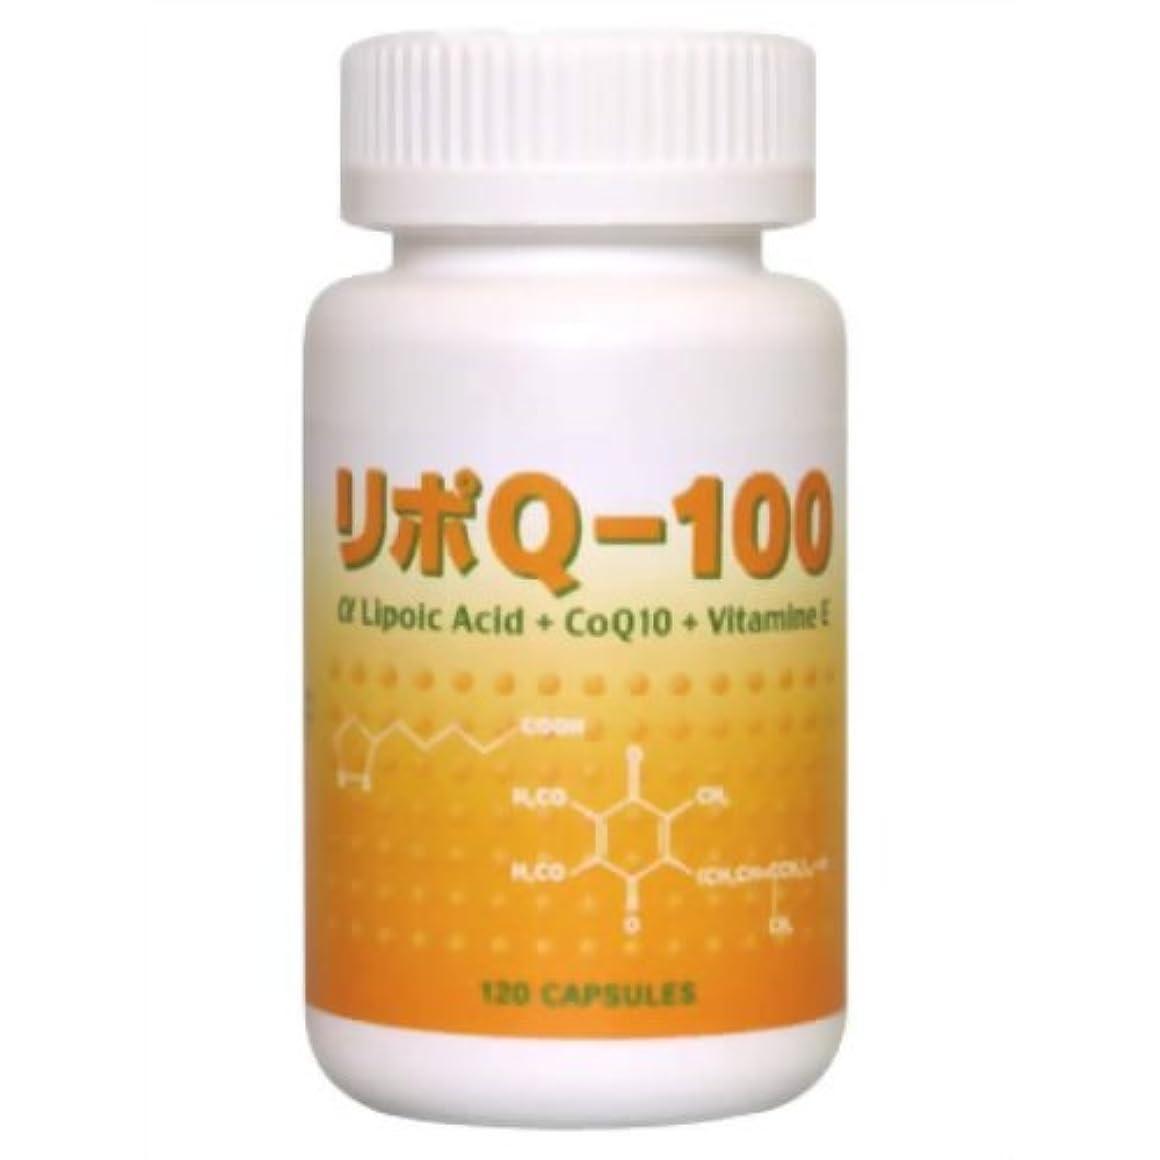 クスクスネスト人物リポQ-100 120カプセル(アルファリポ酸/αリポ酸配合)